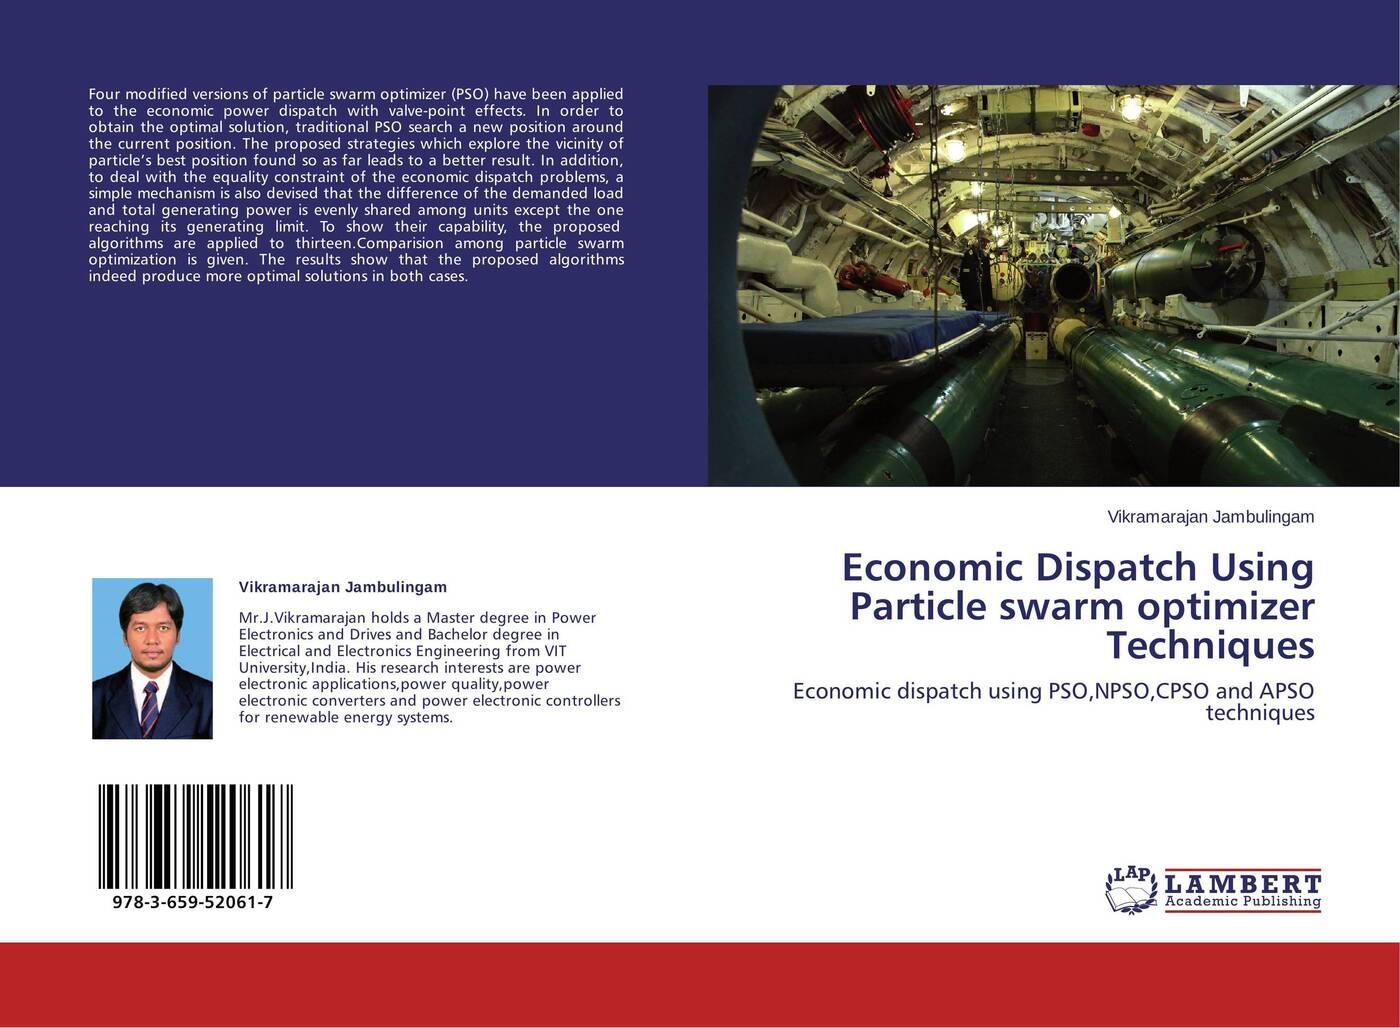 Vikramarajan Jambulingam Economic Dispatch Using Particle swarm optimizer Techniques application of particle swarm optimization